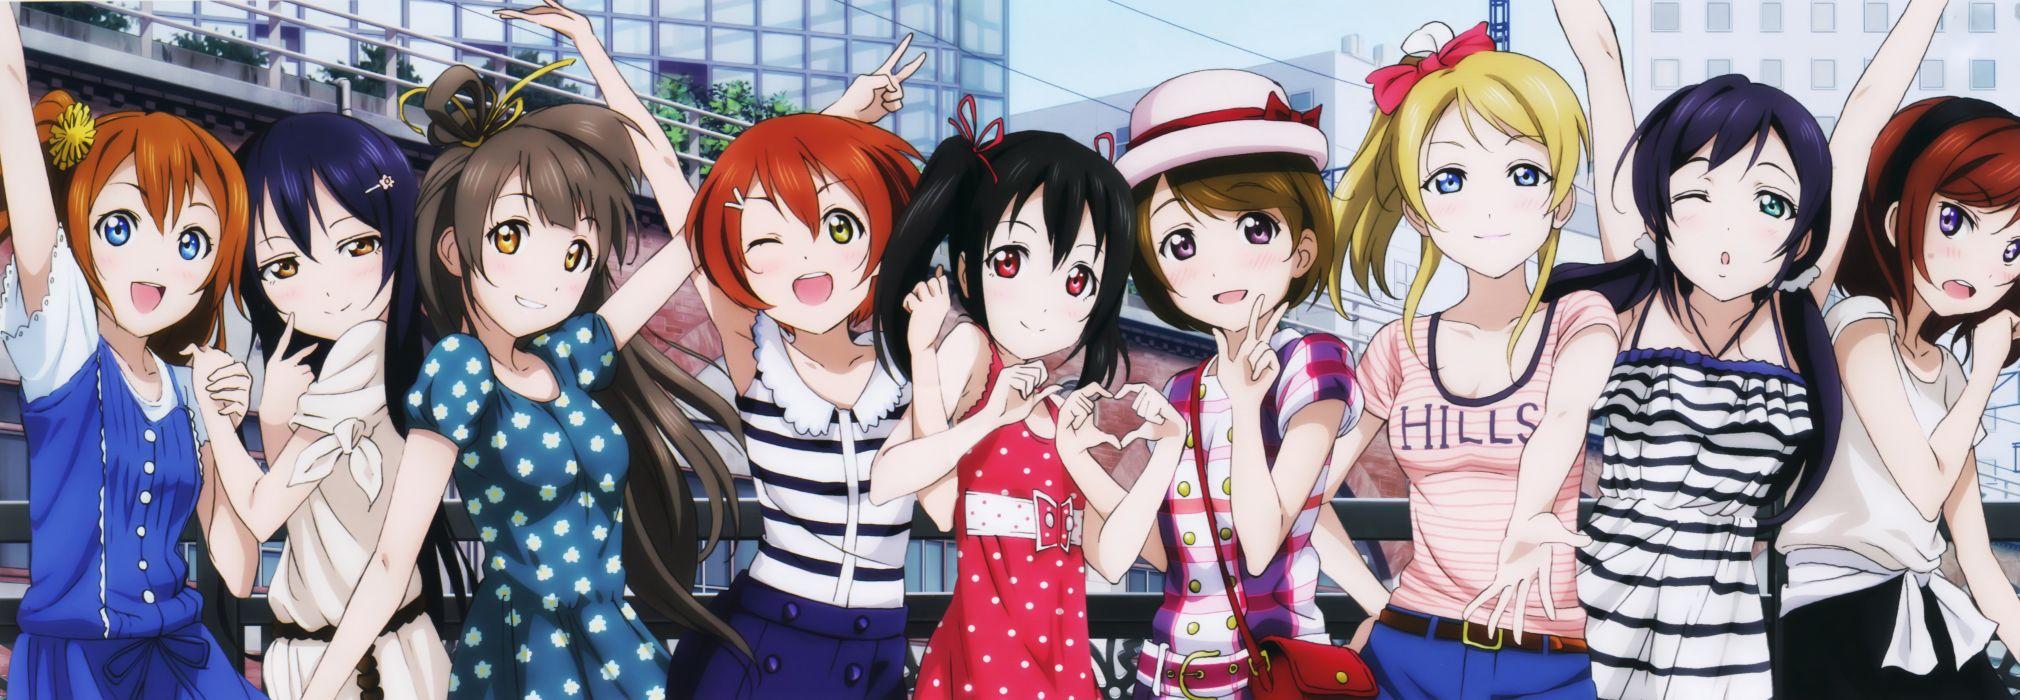 ayase eli hoshizora rin group girl koizumi hanayo kousaka honoka love live! minami kotori murota yuuhei nishikino maki sonoda umi toujou nozomi yazawa nico wallpaper